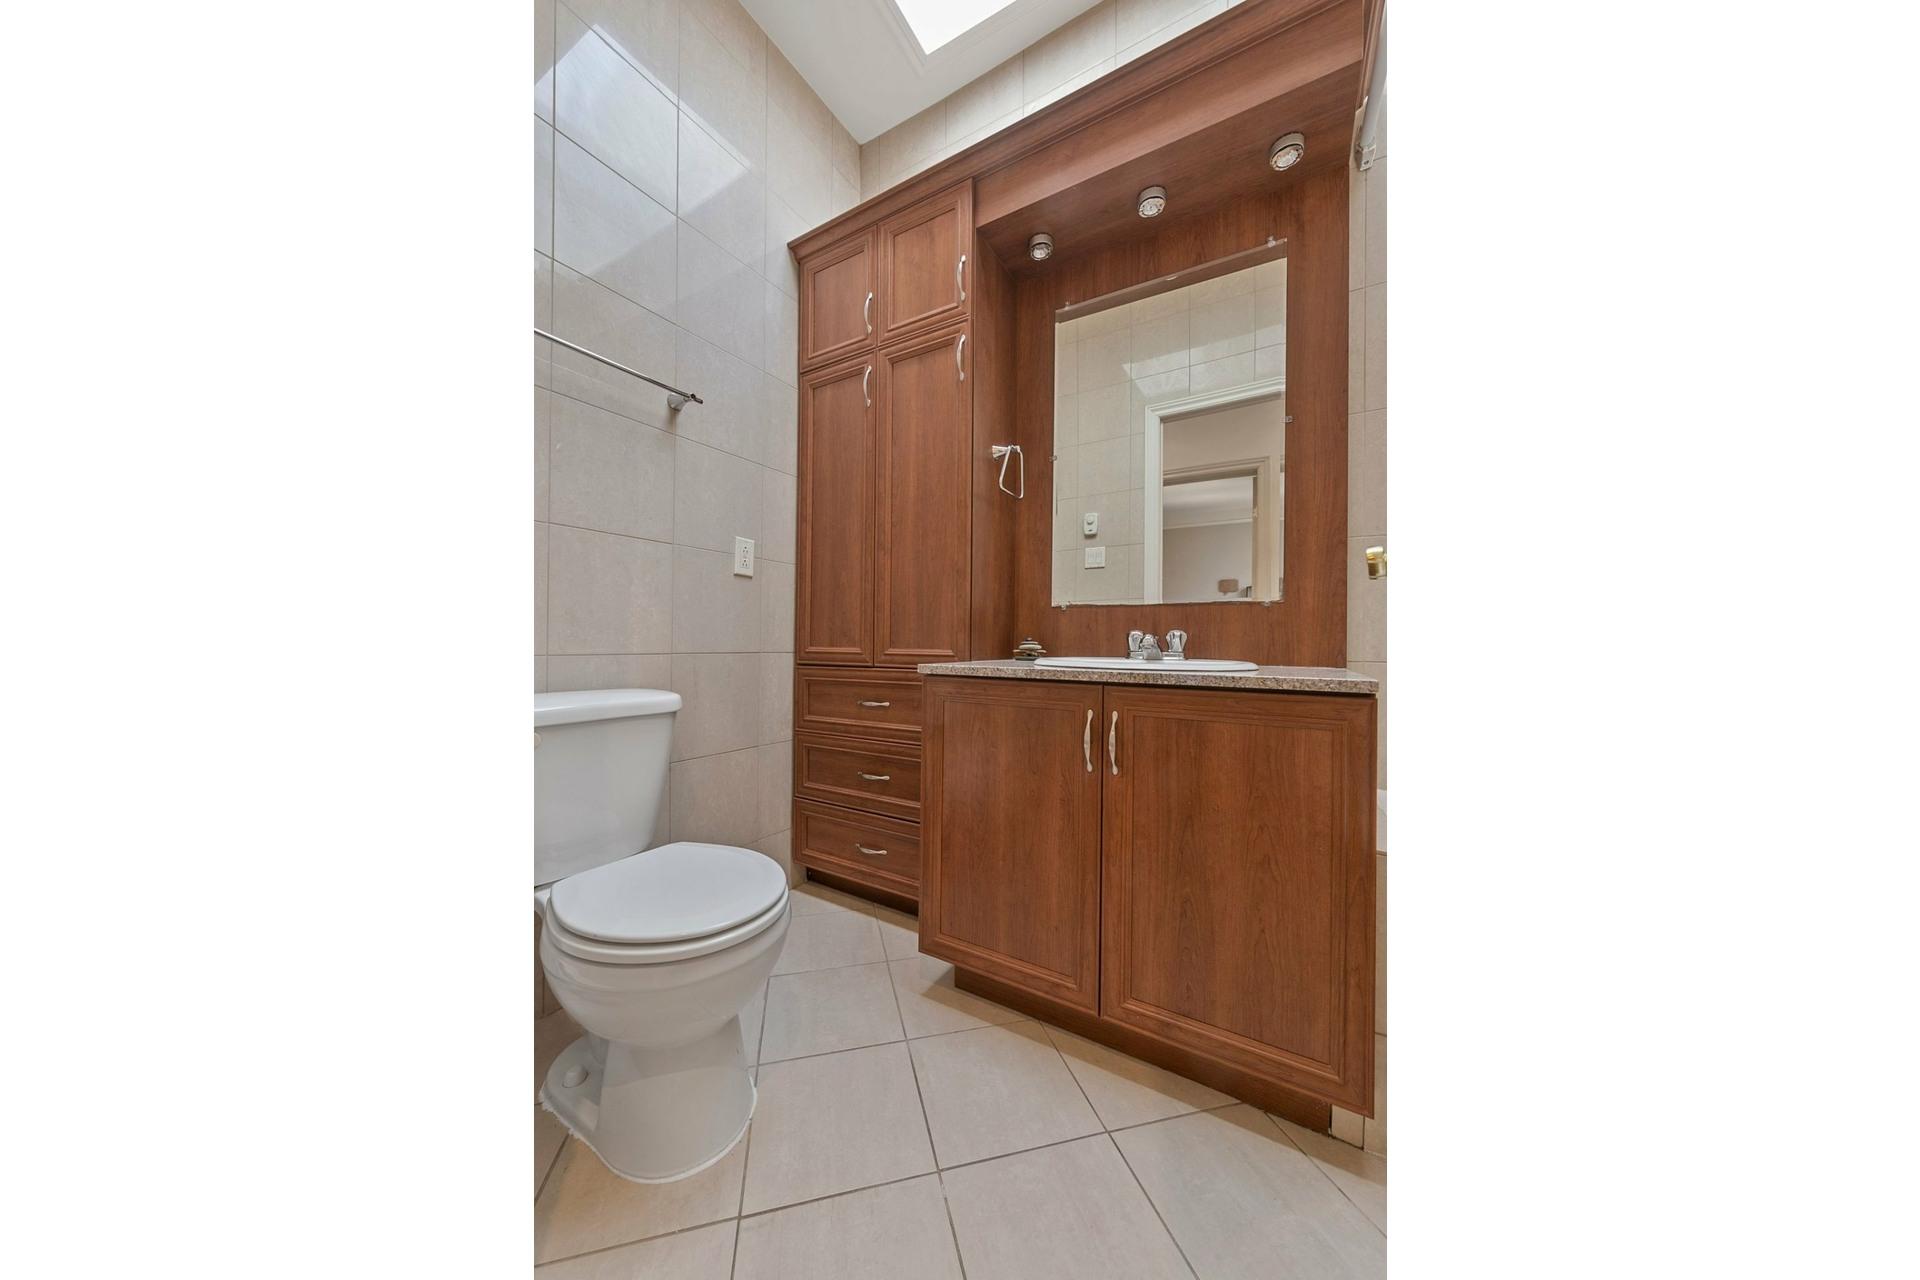 image 20 - Appartement À vendre Côte-des-Neiges/Notre-Dame-de-Grâce Montréal  - 10 pièces